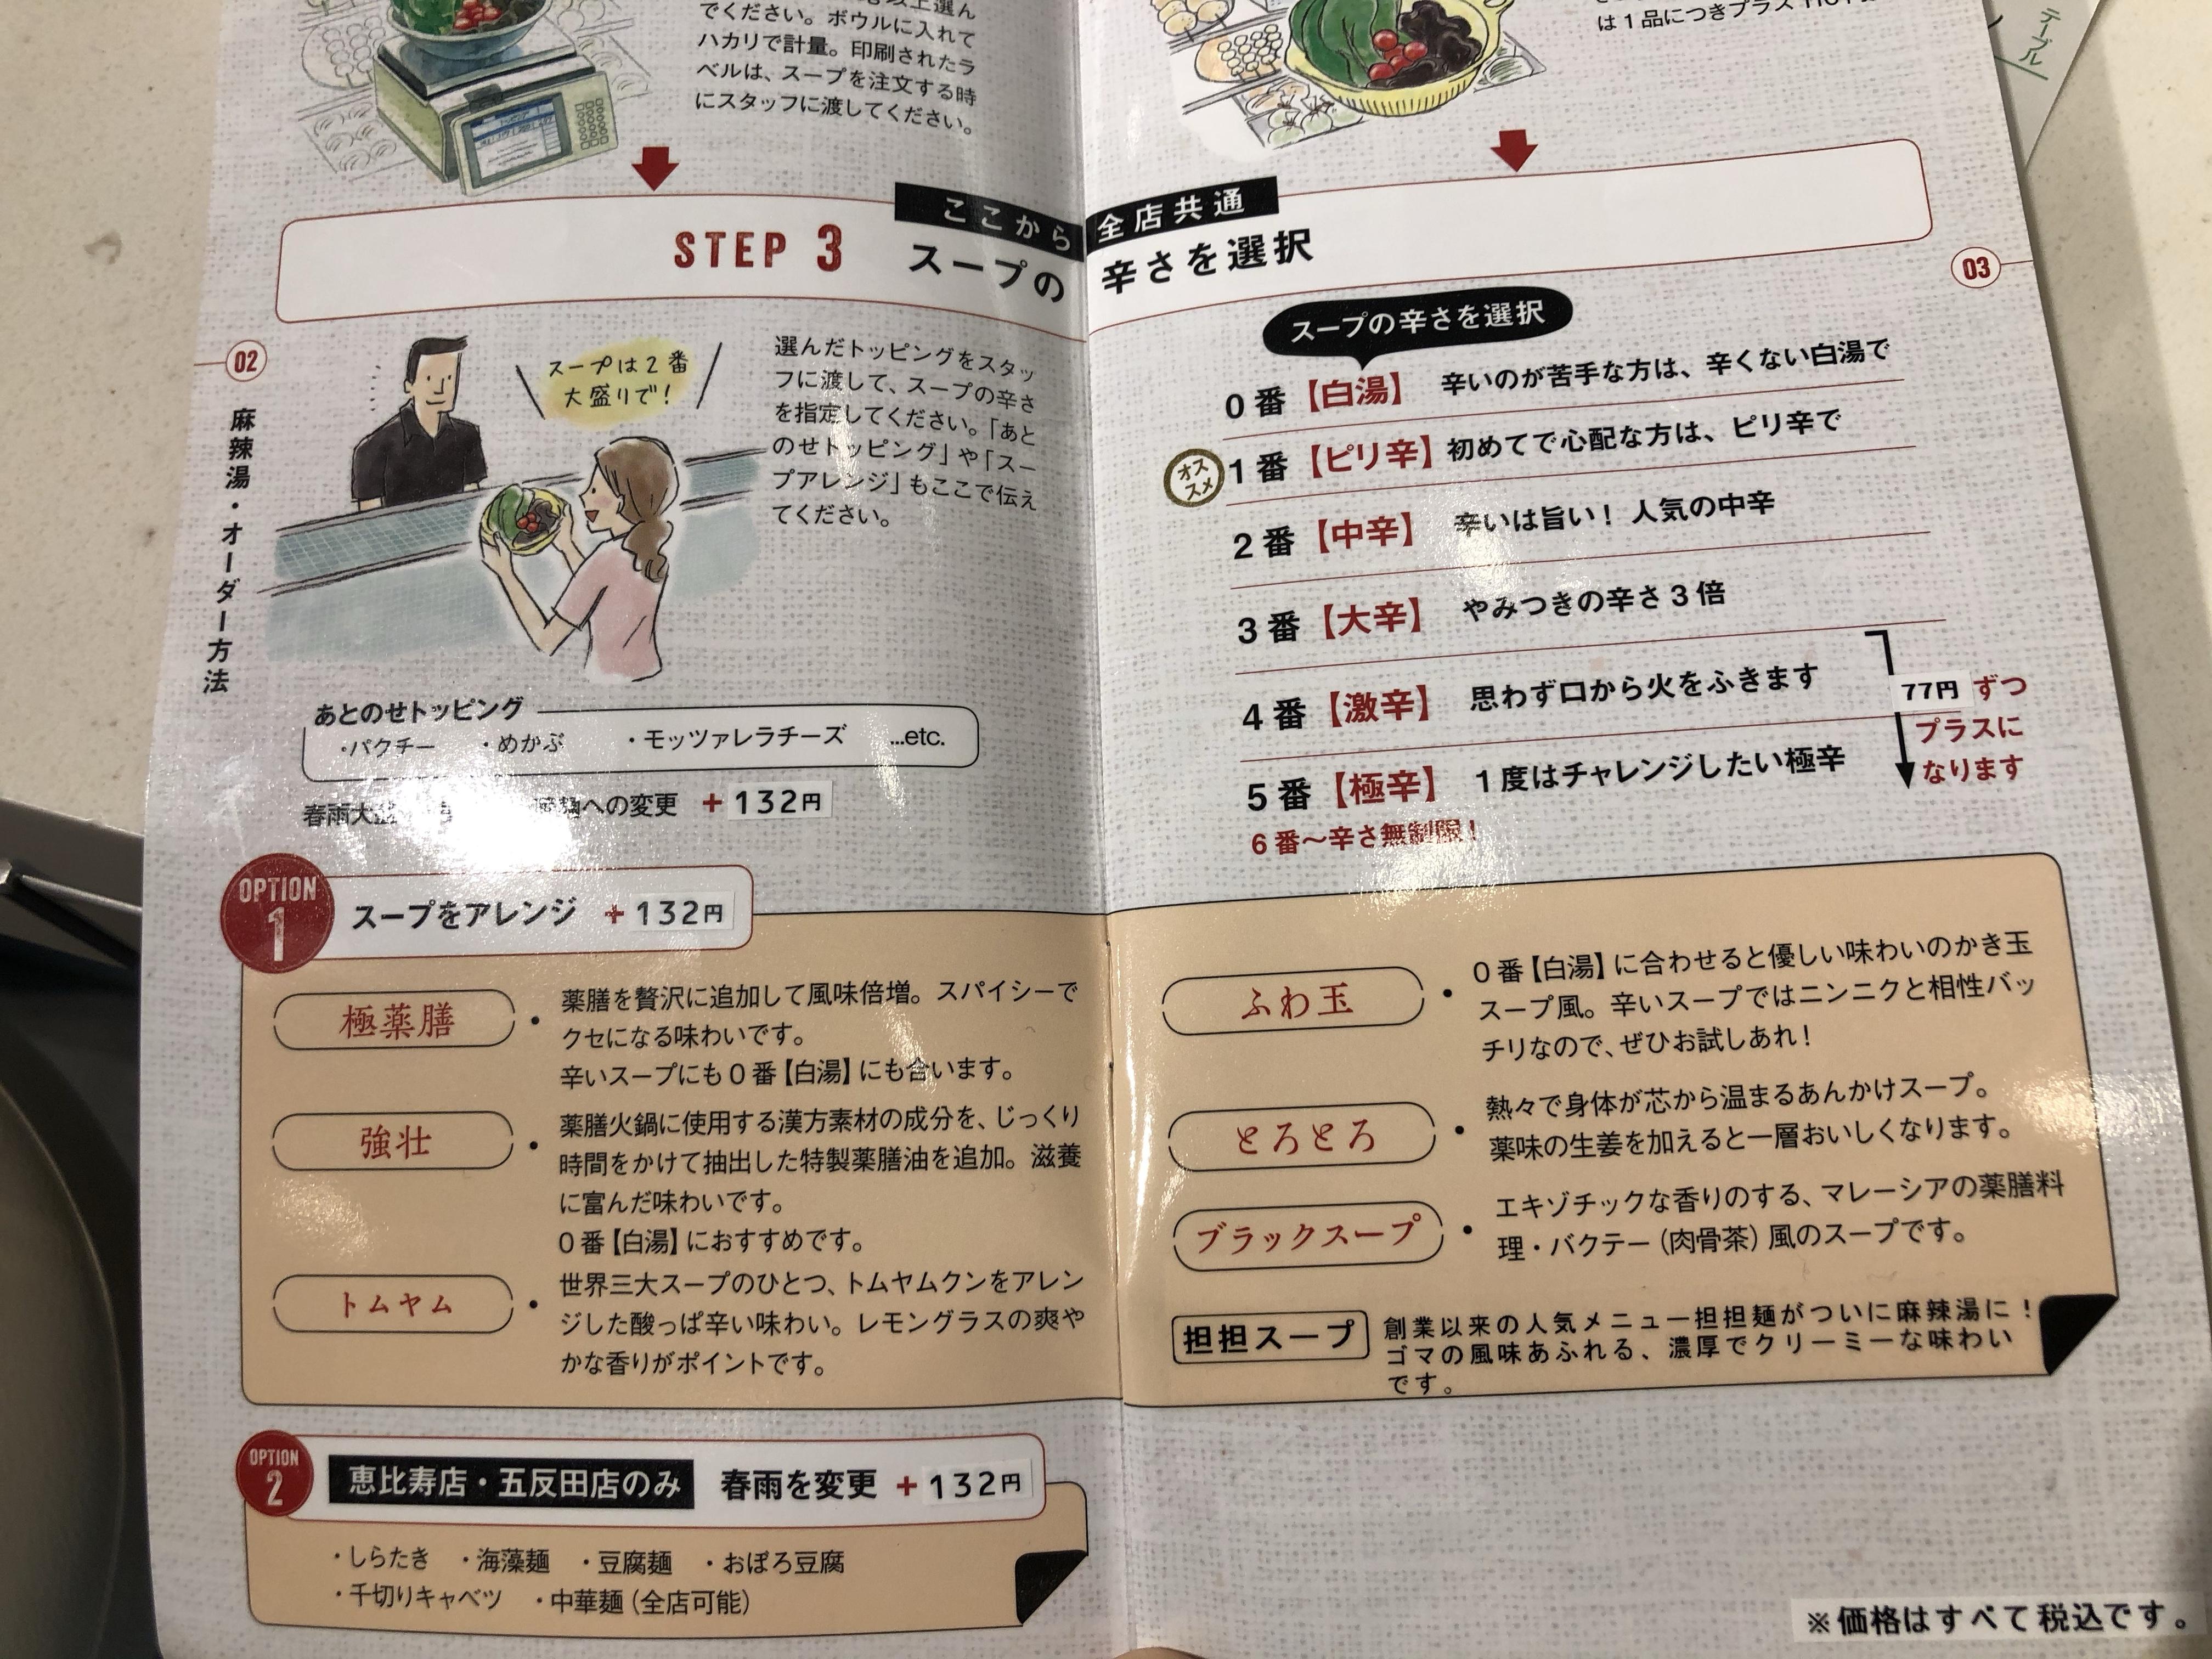 五反田の薬膳春雨スープ・七宝麻辣湯(マーラータン)の注文方法